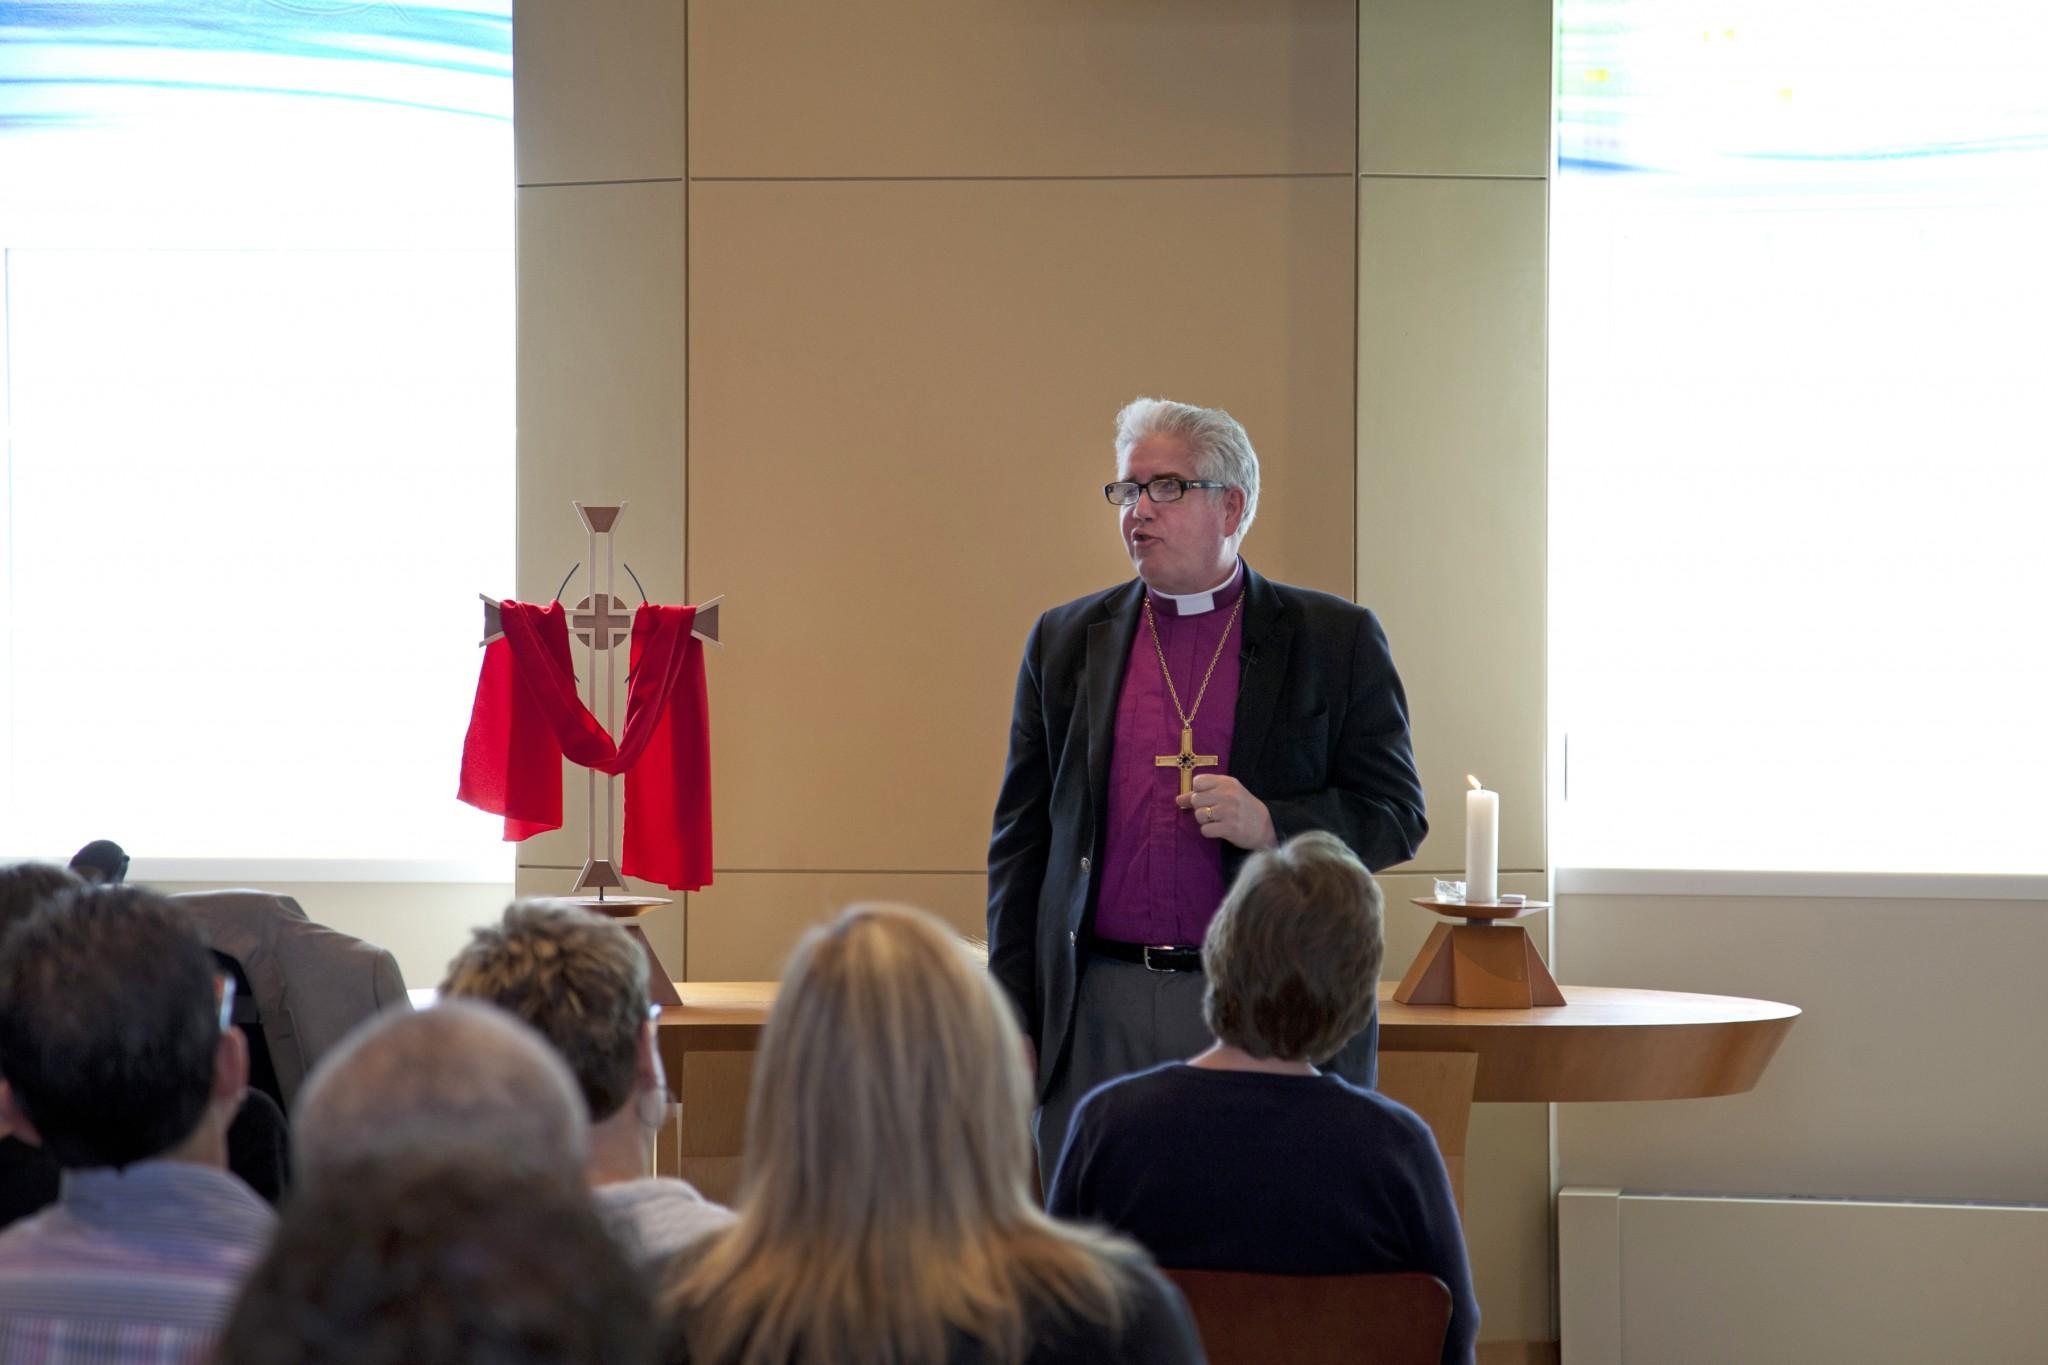 Bishop Craig Satterlee